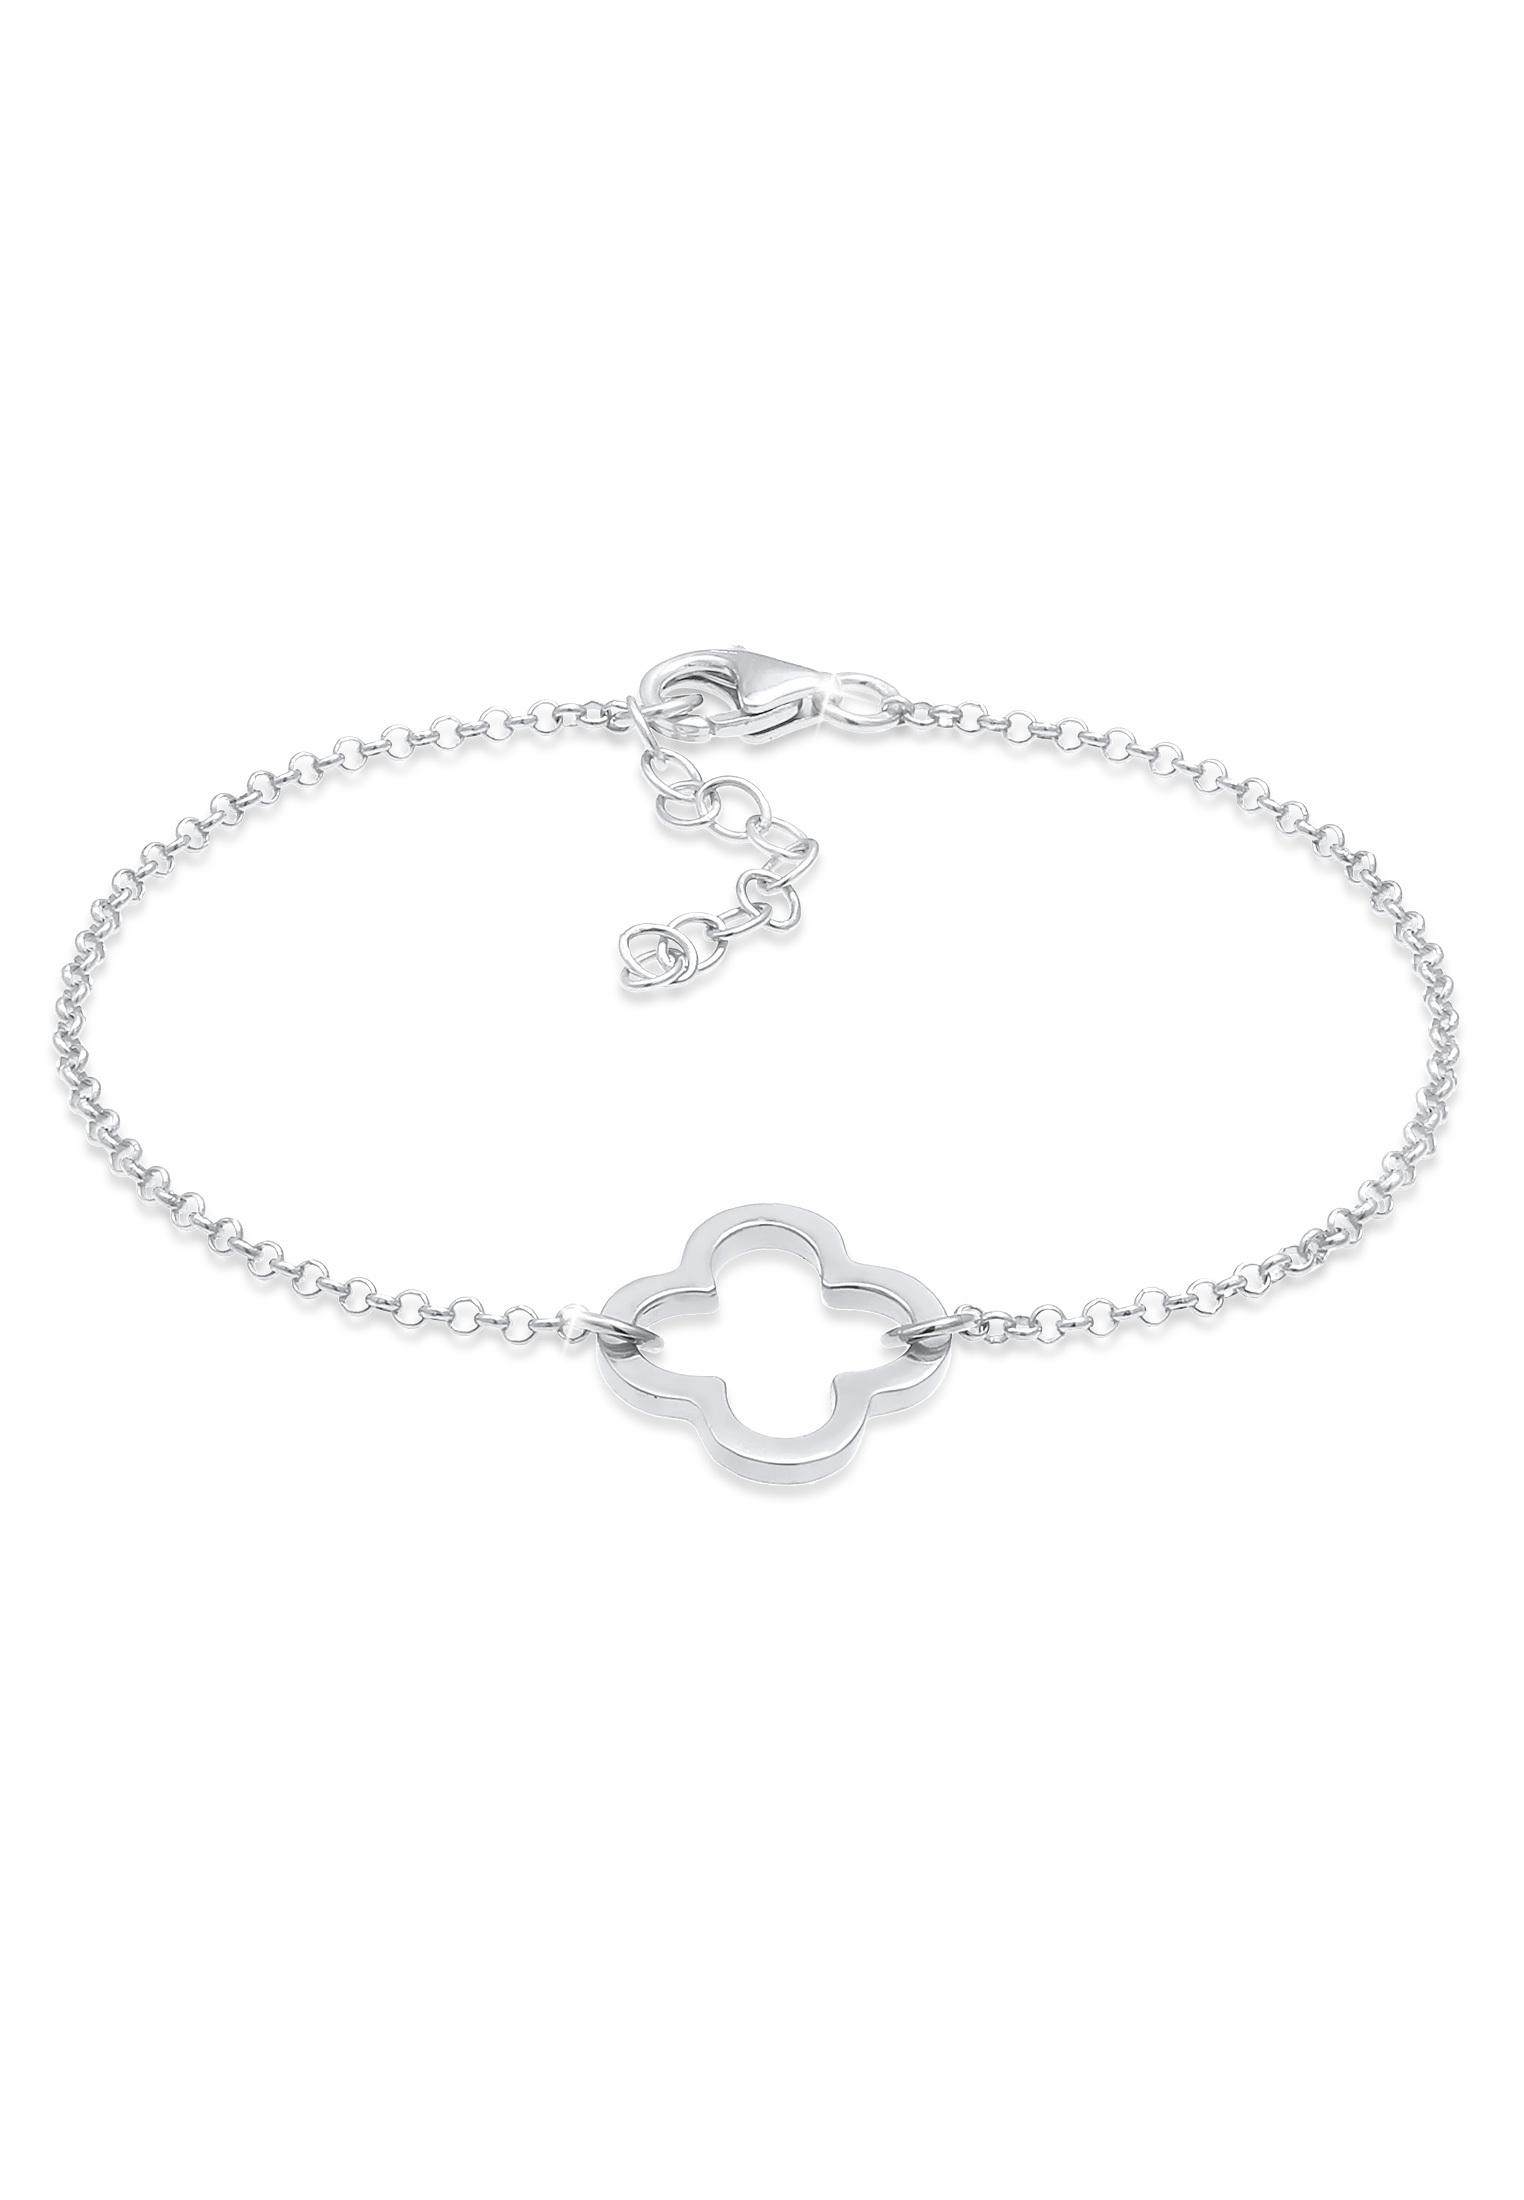 Armband Kleeblatt   925er Sterling Silber